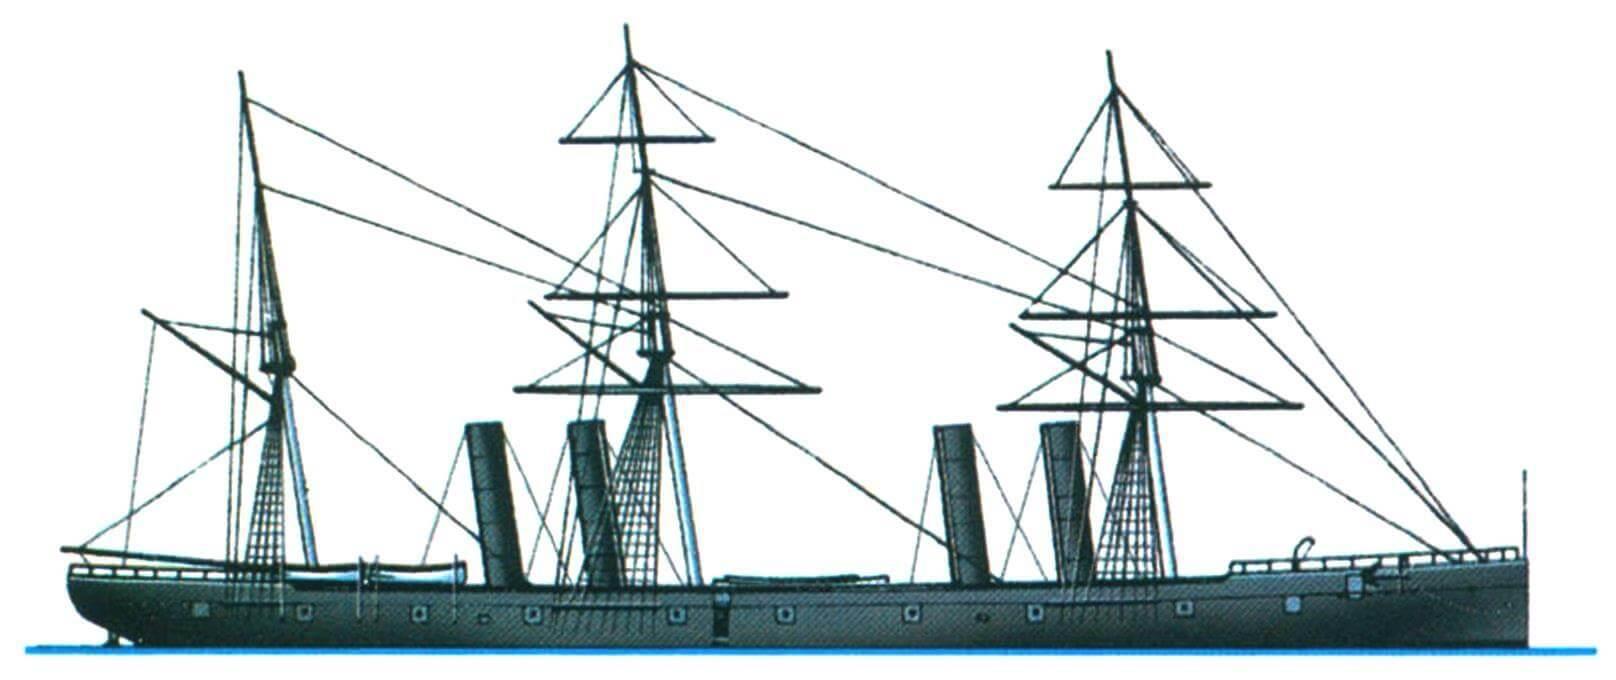 Винтовой фрегат «Вампаноа», США, 1868 г.